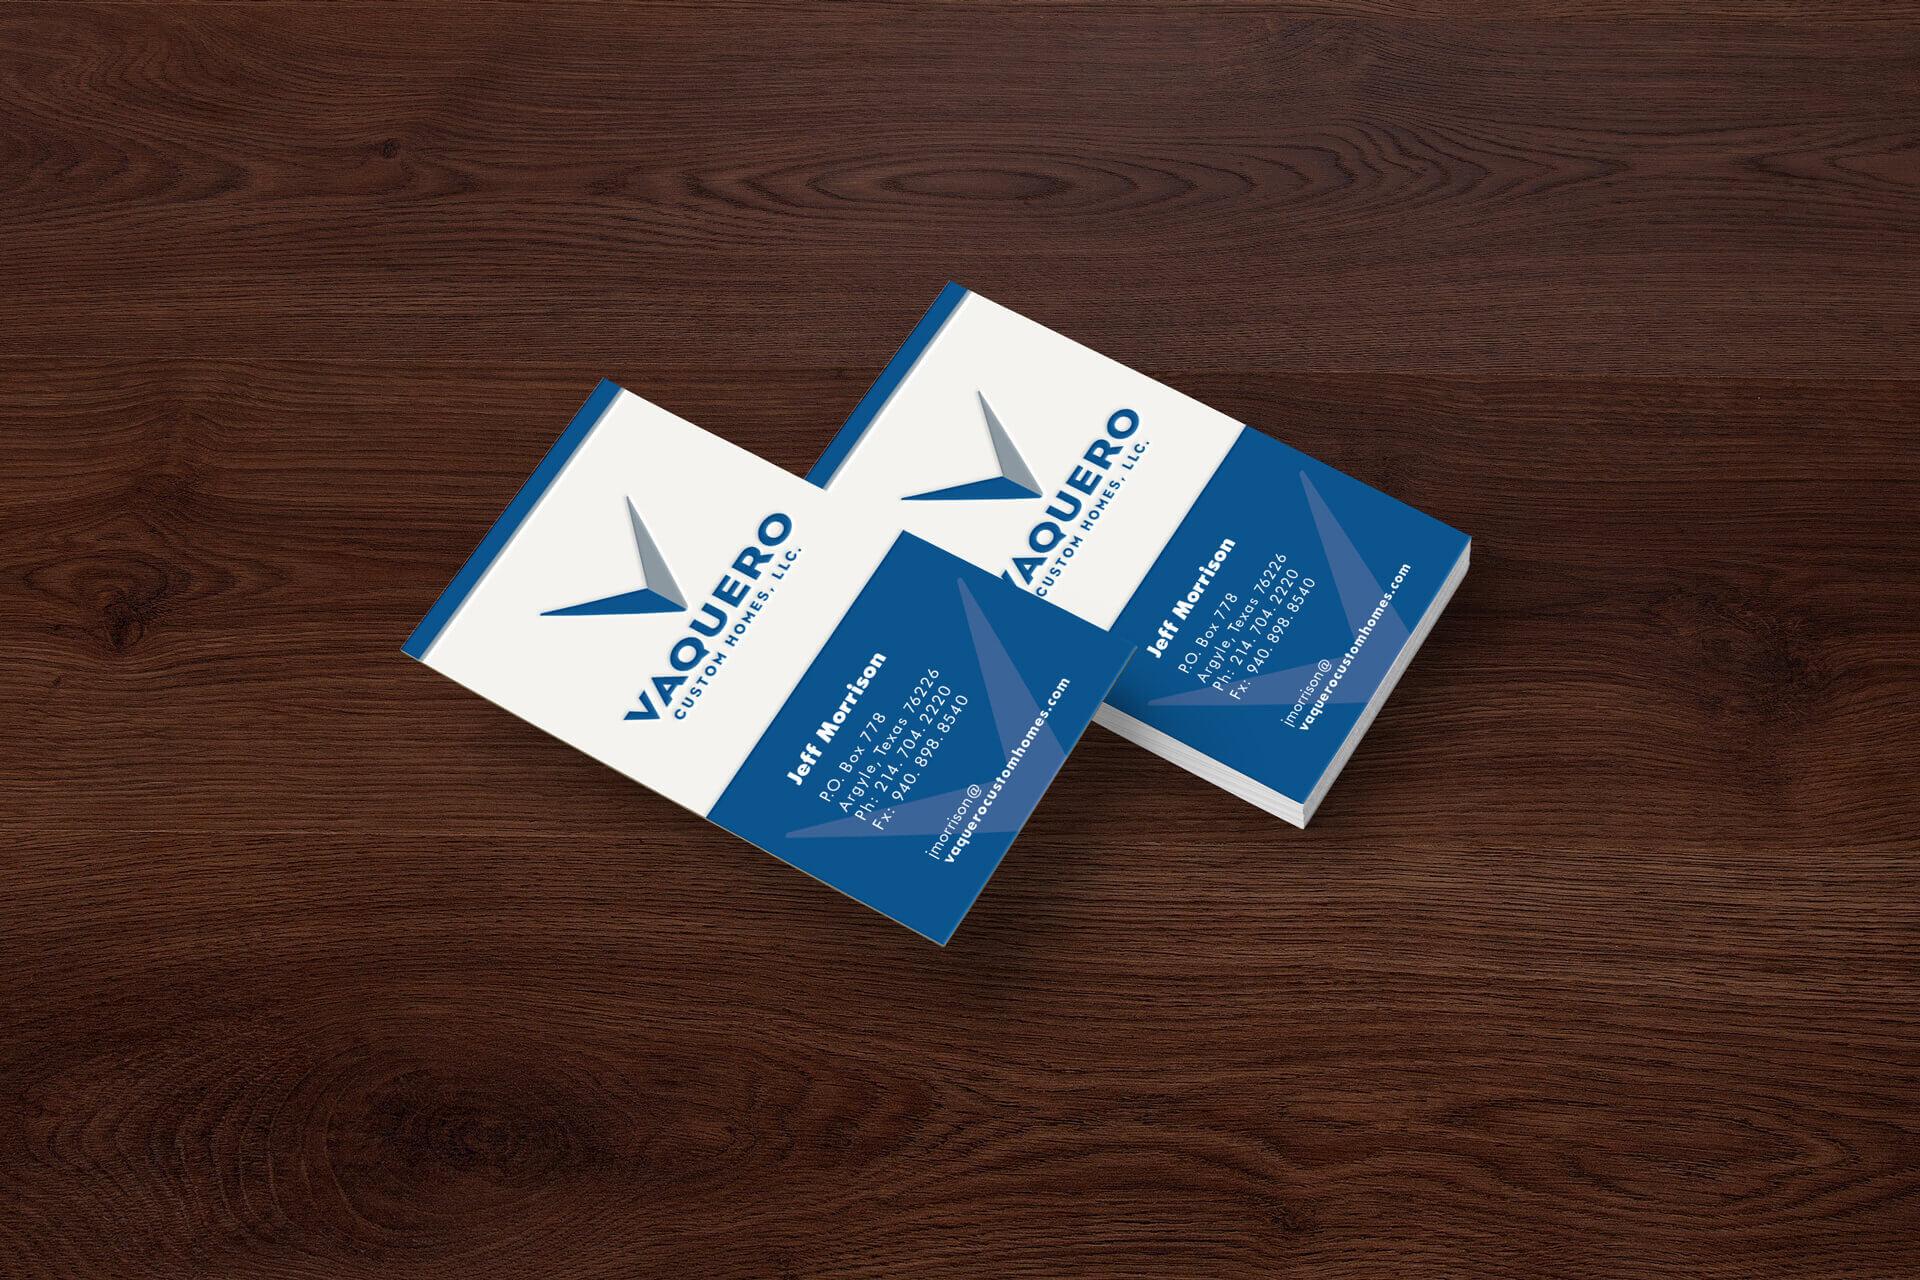 Vaquero Custom Homes Business Card Design